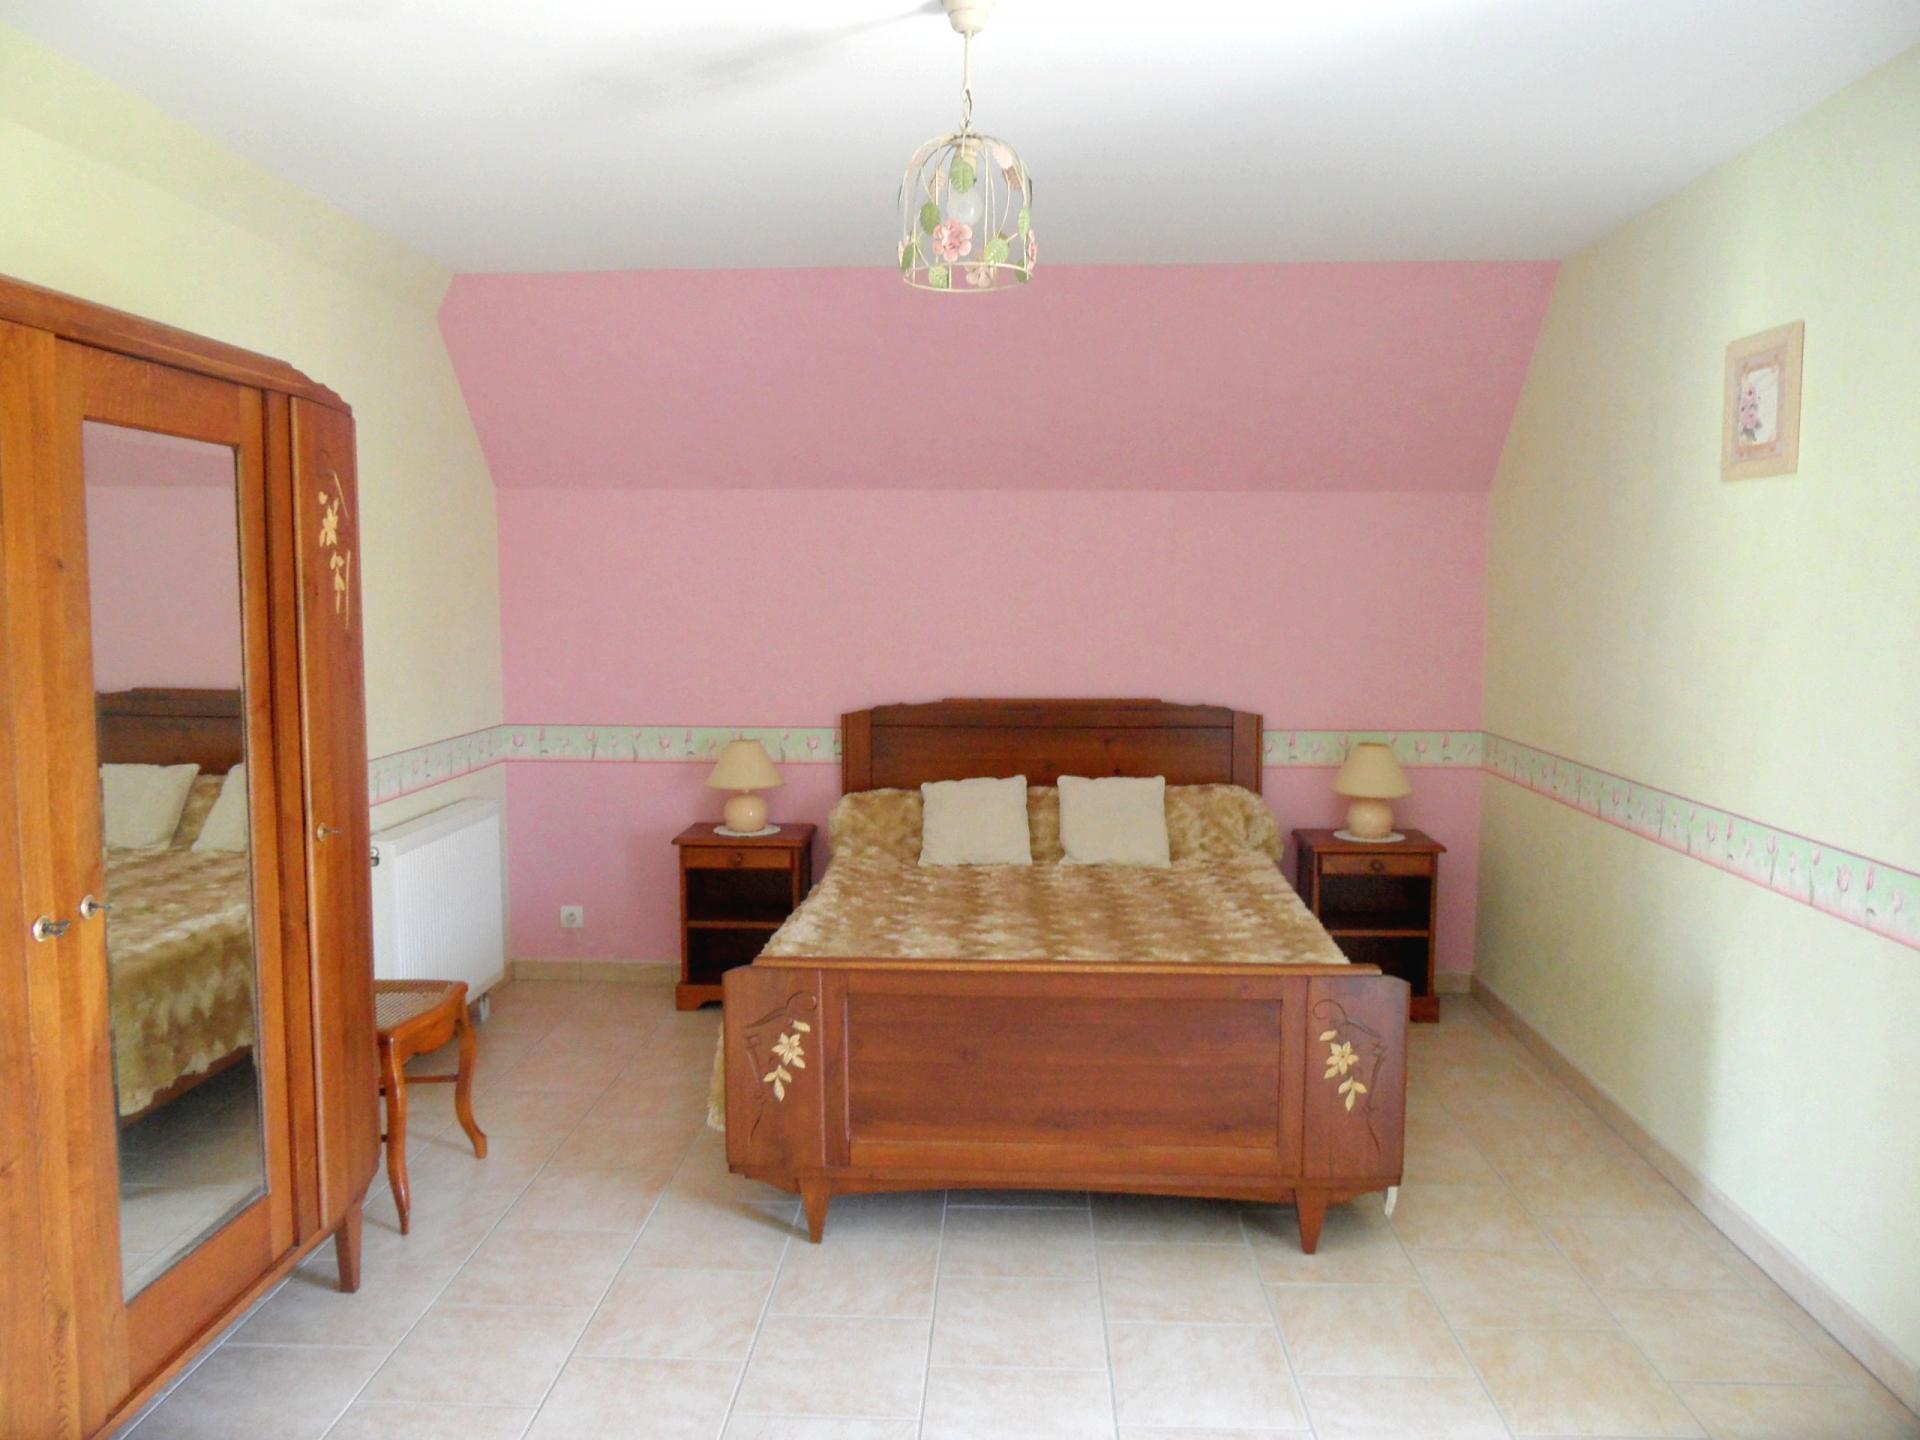 Chambre - 1 lit 2 personnes - étage